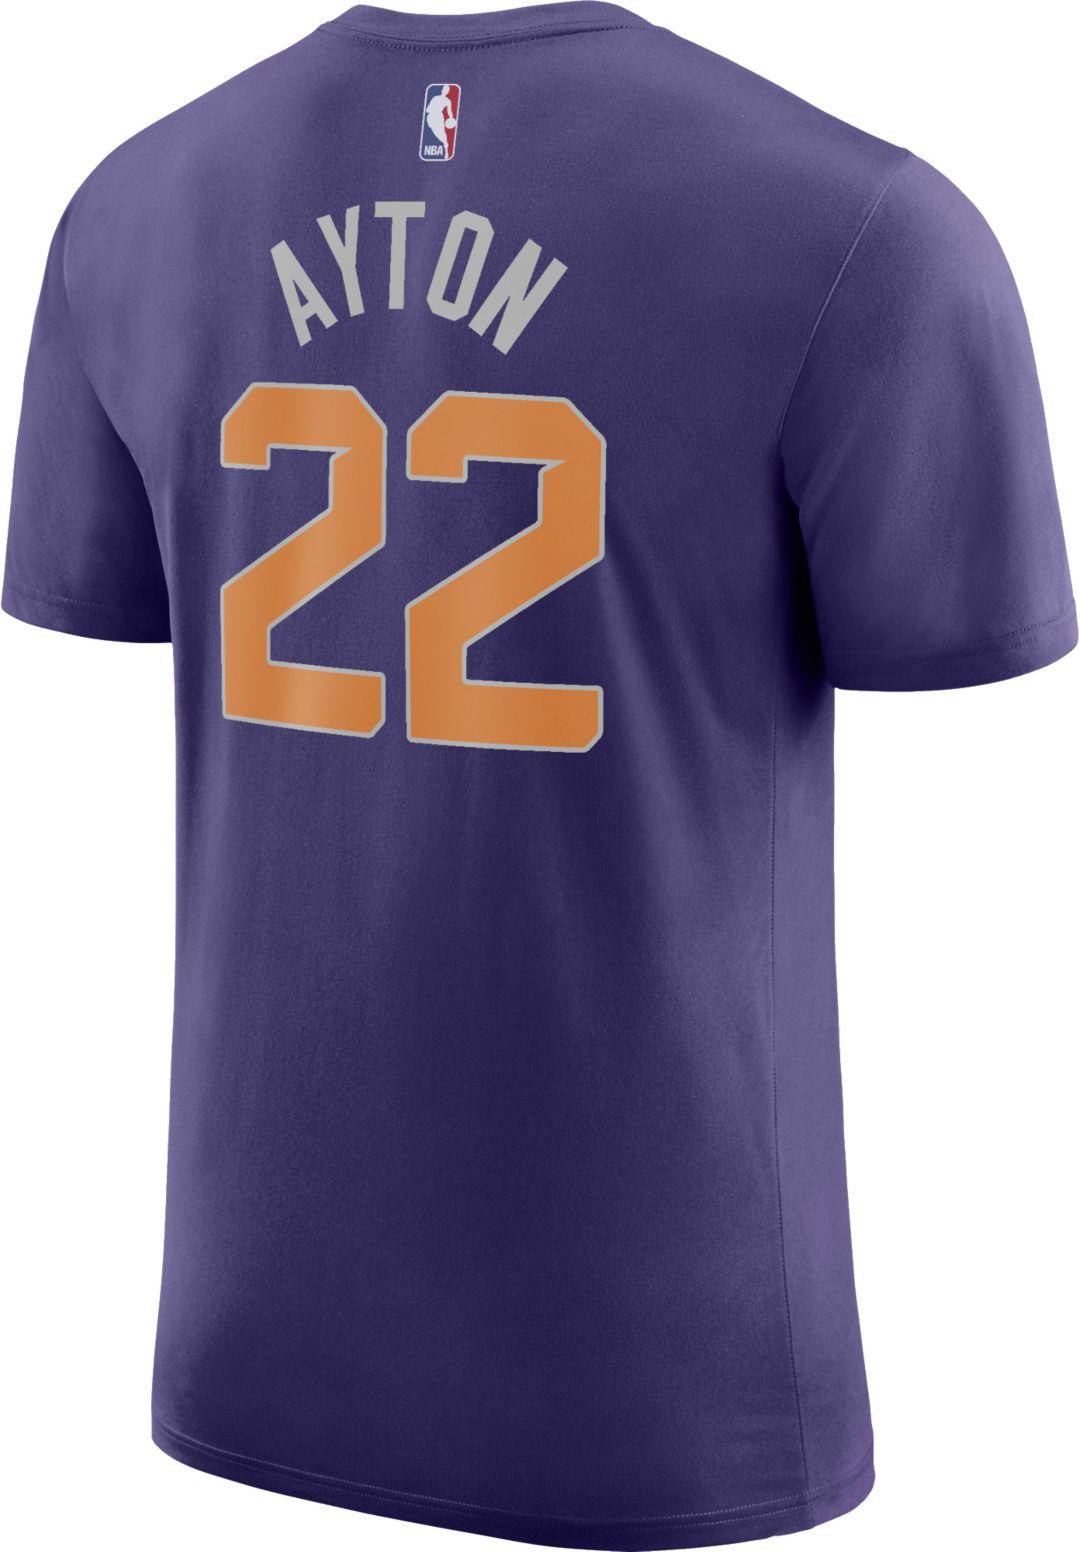 promo code 75cde 3817d Nike Men's Phoenix Suns DeAndre Ayton #22 Dri-FIT Purple T-Shirt